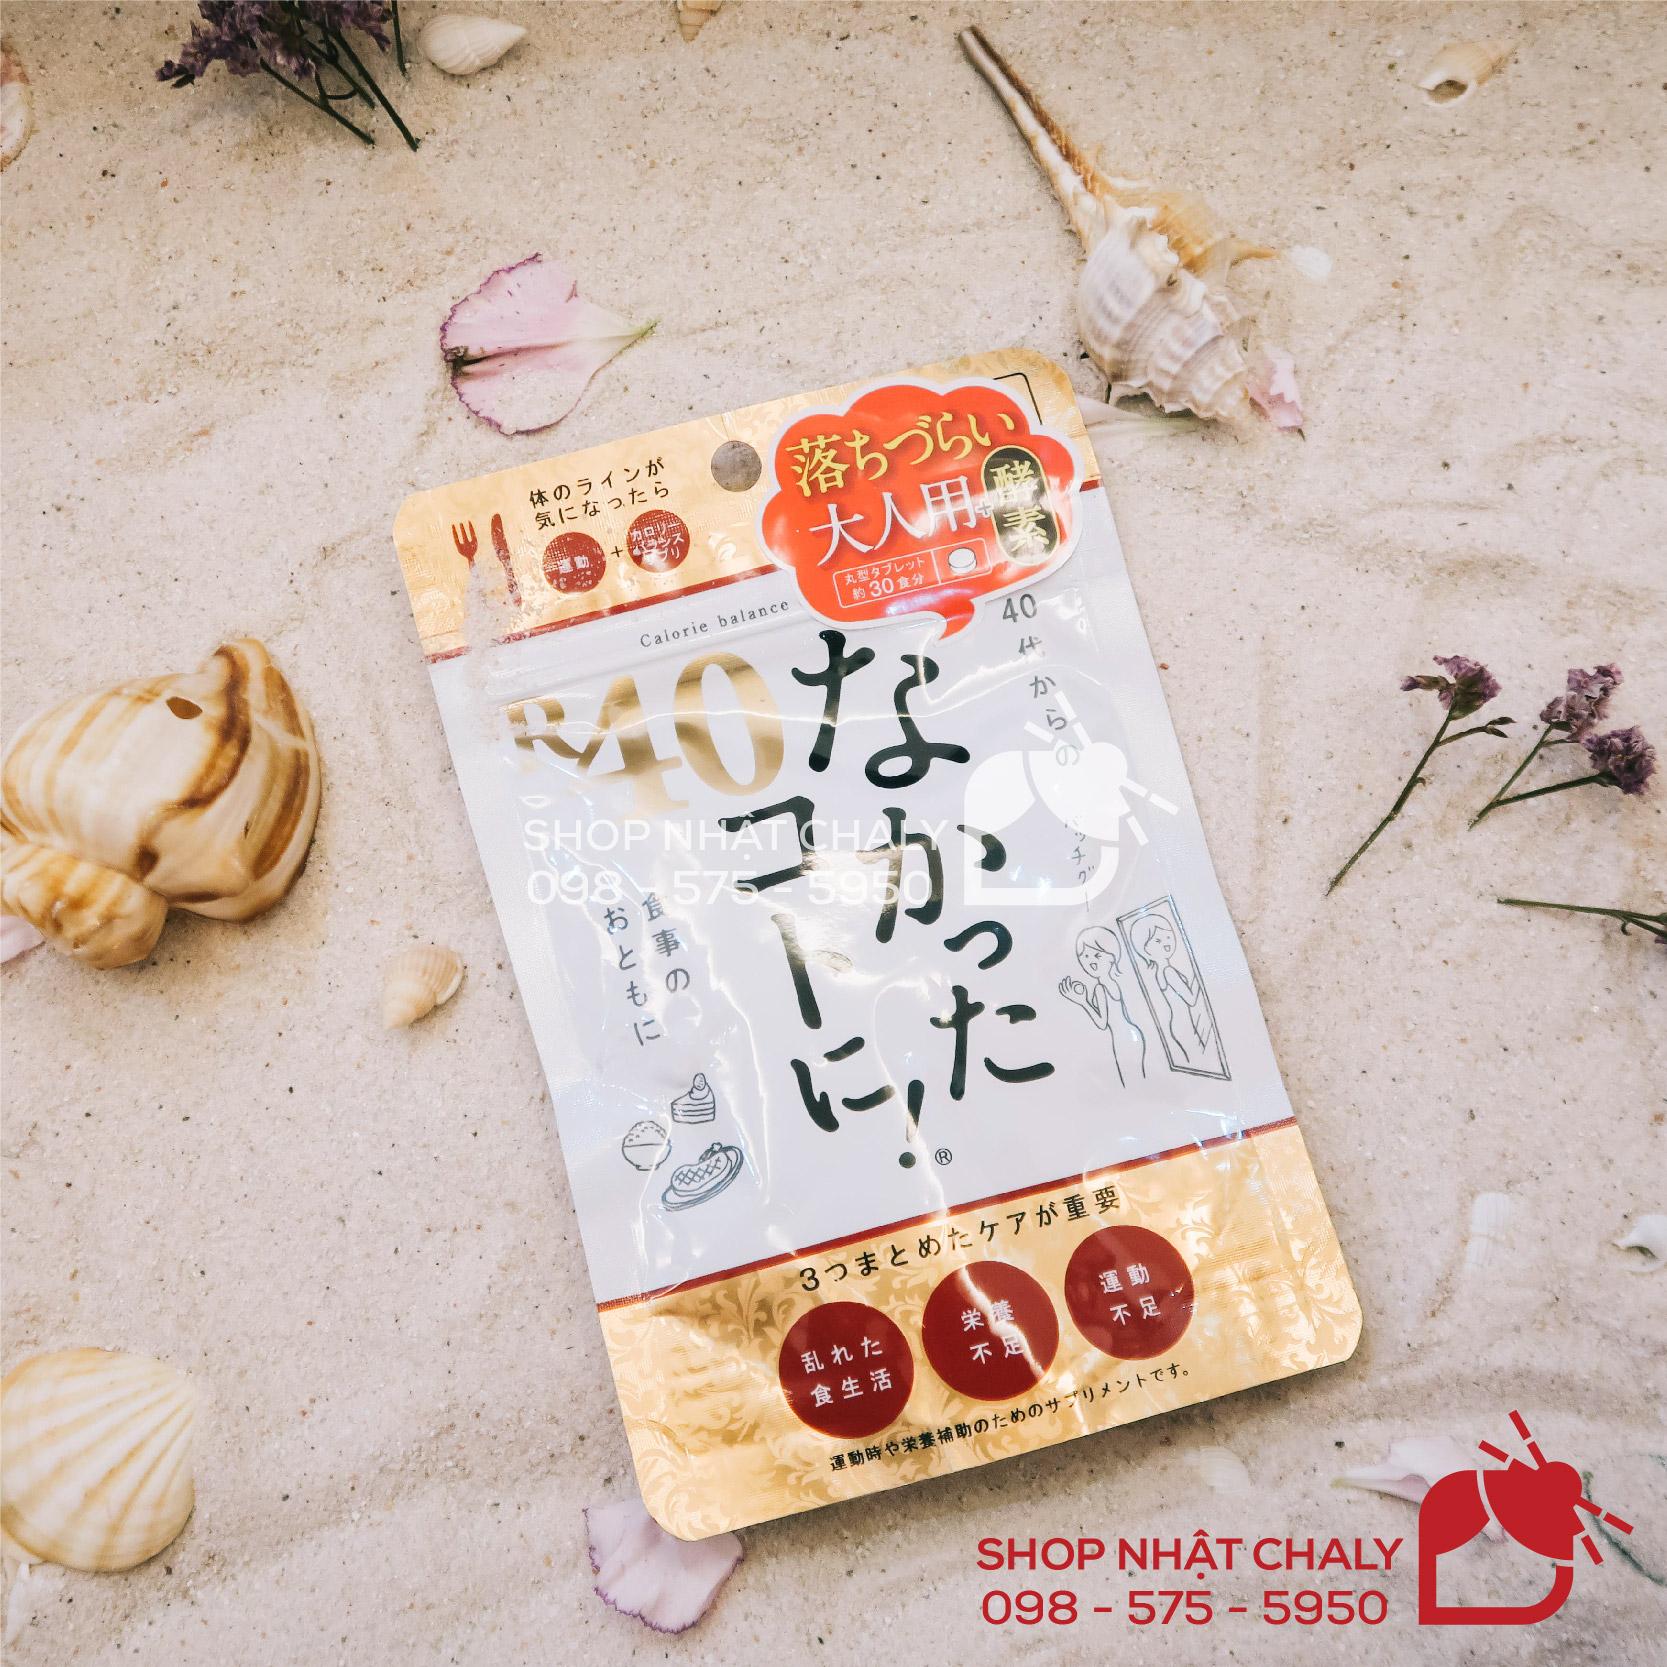 Viên thuốc giảm cân Nhật Bản Nakatta Kotoni R40 màu vàng là thuốc chống hấp thụ calorie được review cực cao tại Nhật, dành riêng cho cơ địa khó giảm